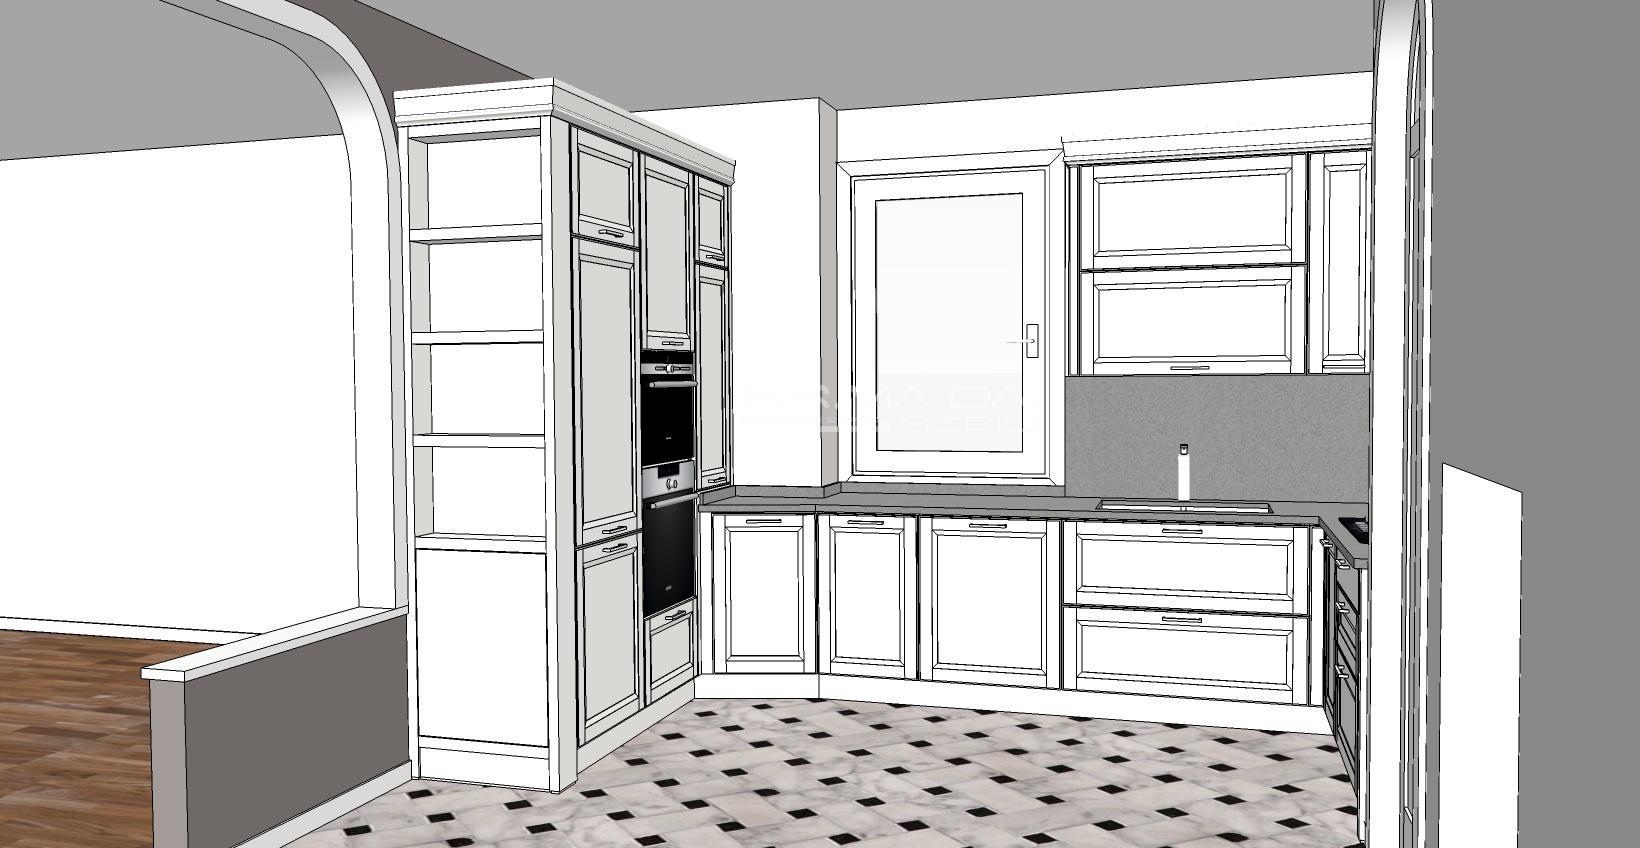 cucina 14 er ma da mobilificio progetta e On progetta i tuoi mobili